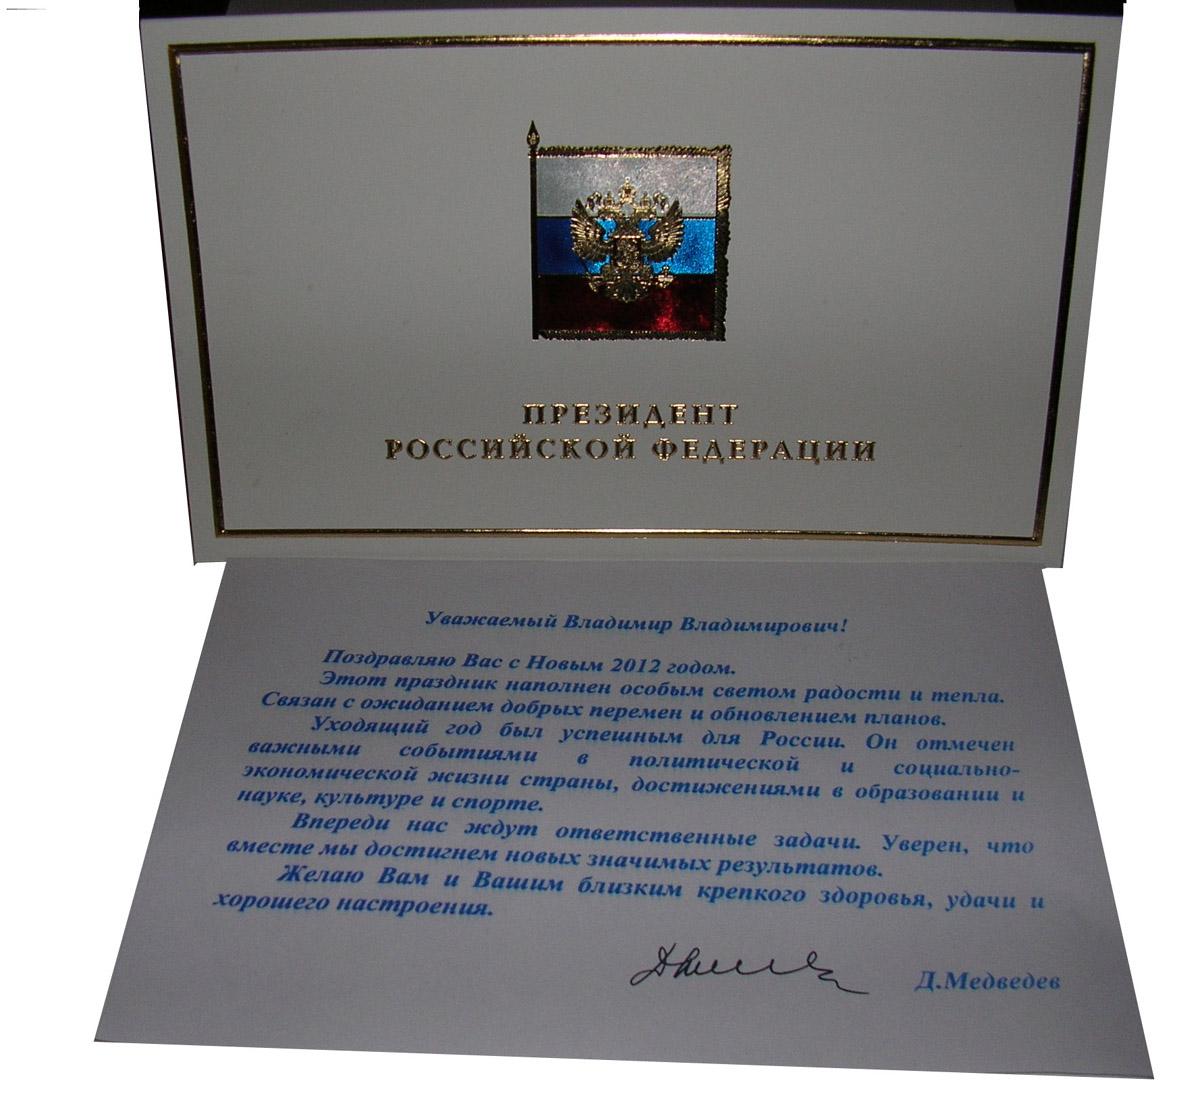 Медведев поздравление с новым 2012